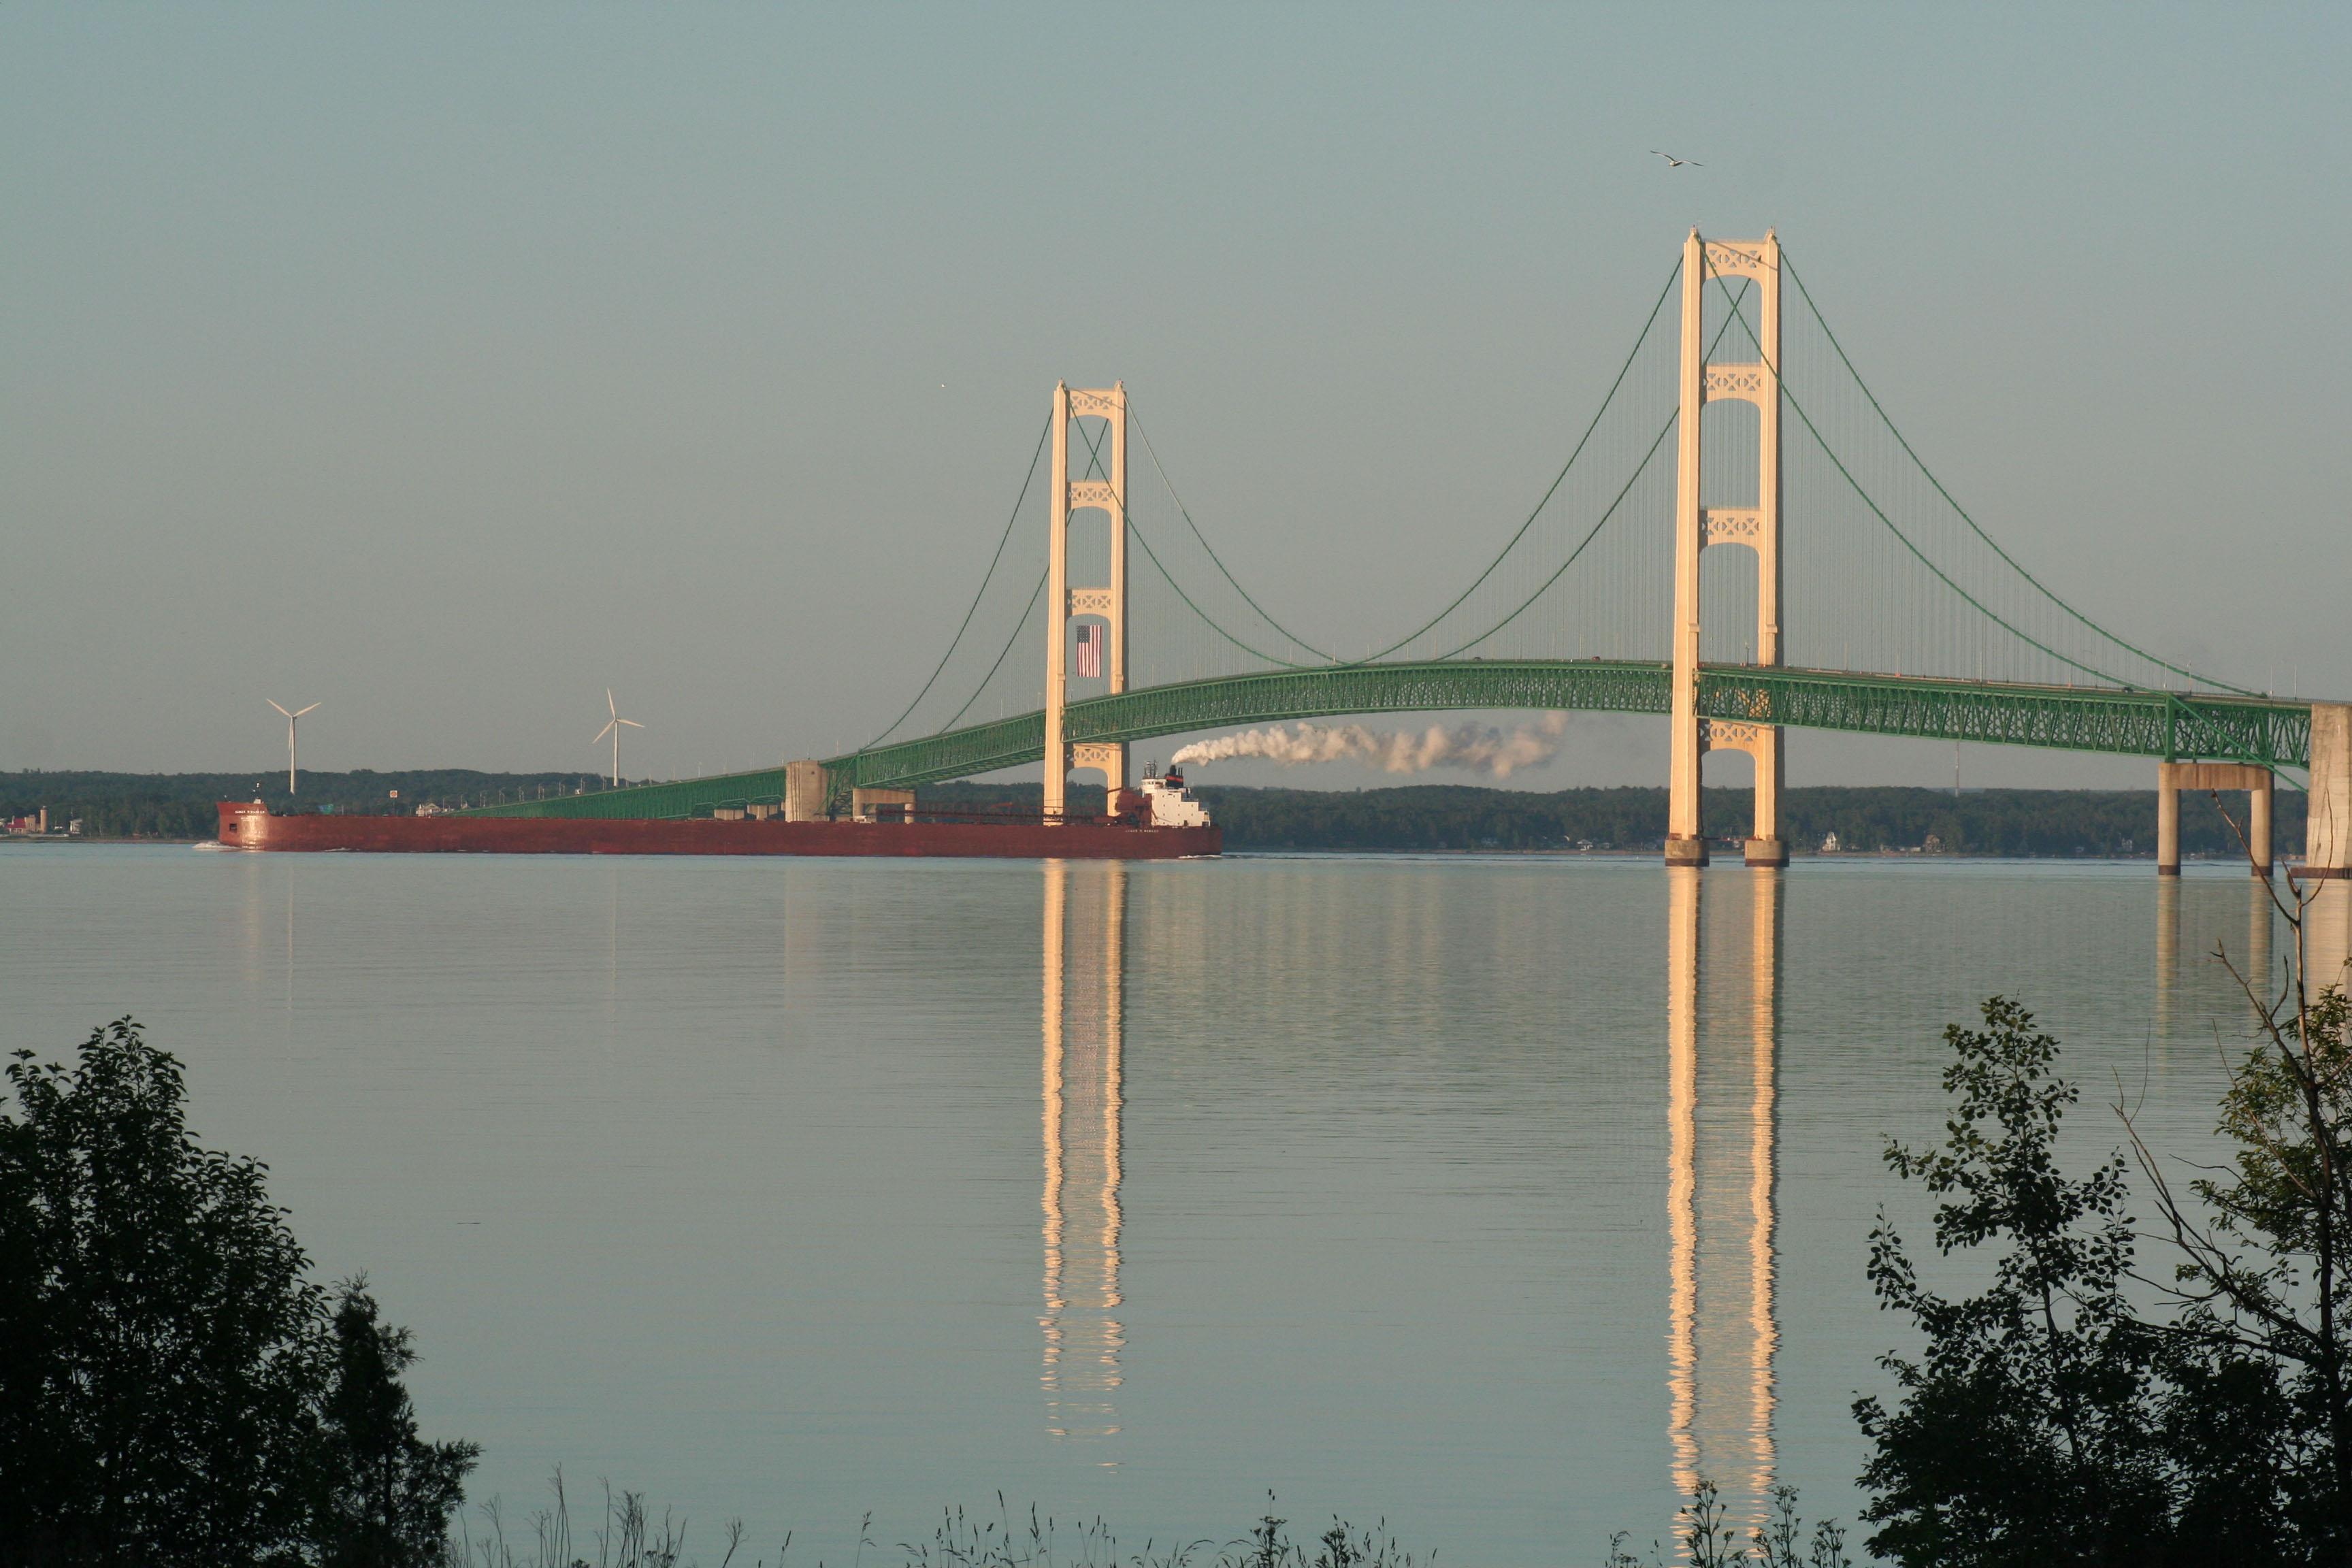 Mackinac Bridge Authority, St. Ignace Michigan